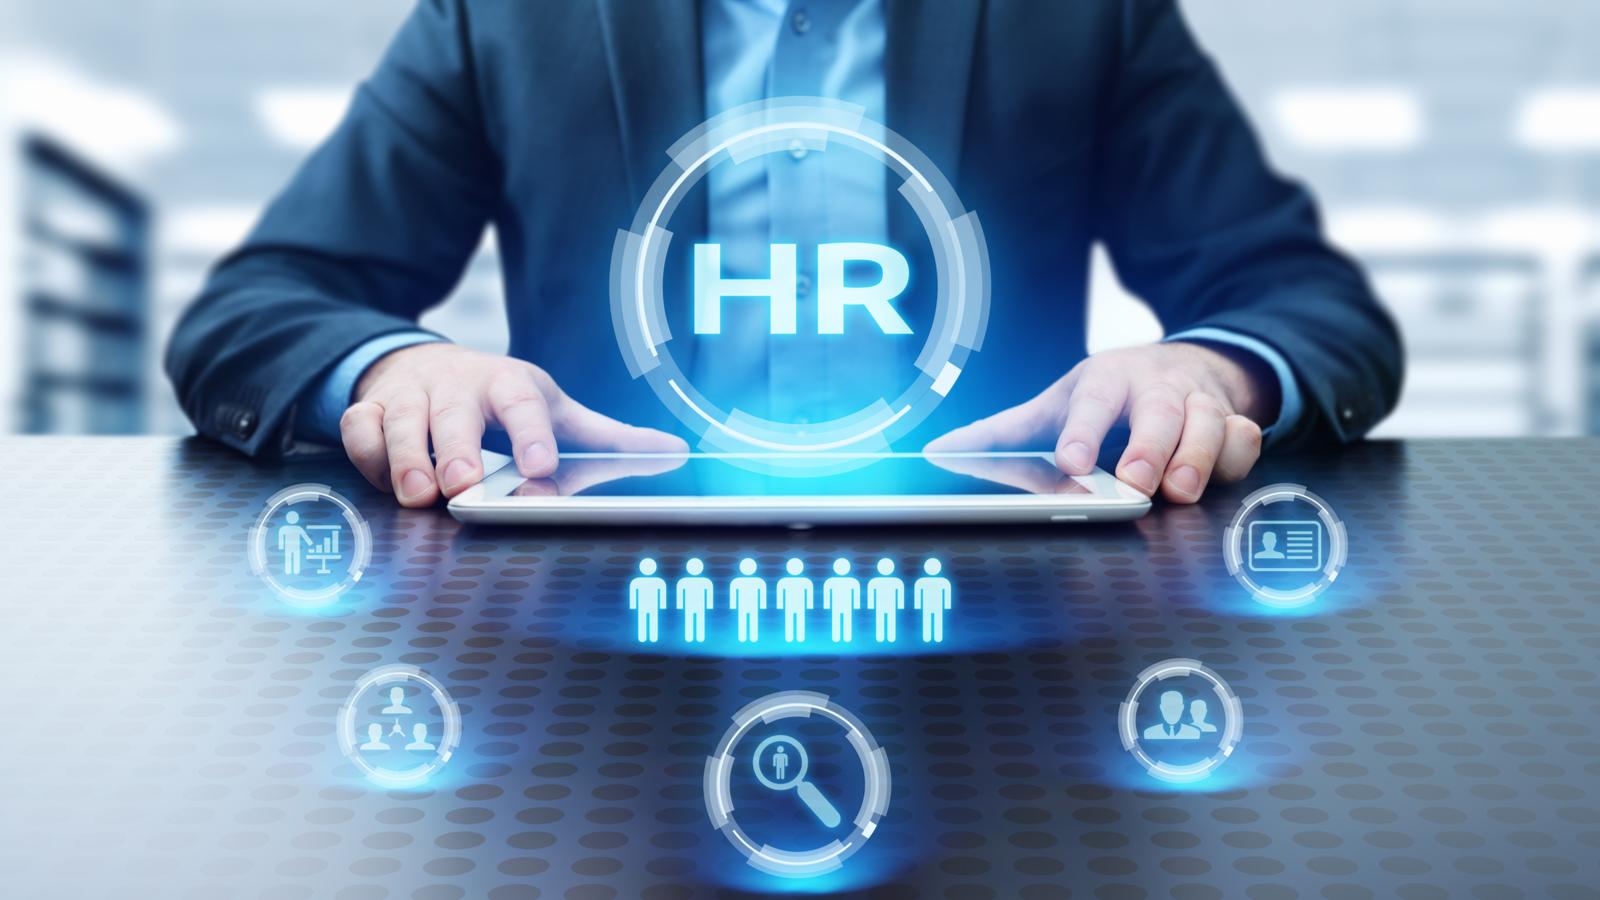 Risorse umane e nuove tecnologie: le sfide per la nuova era del recruiting 4.0